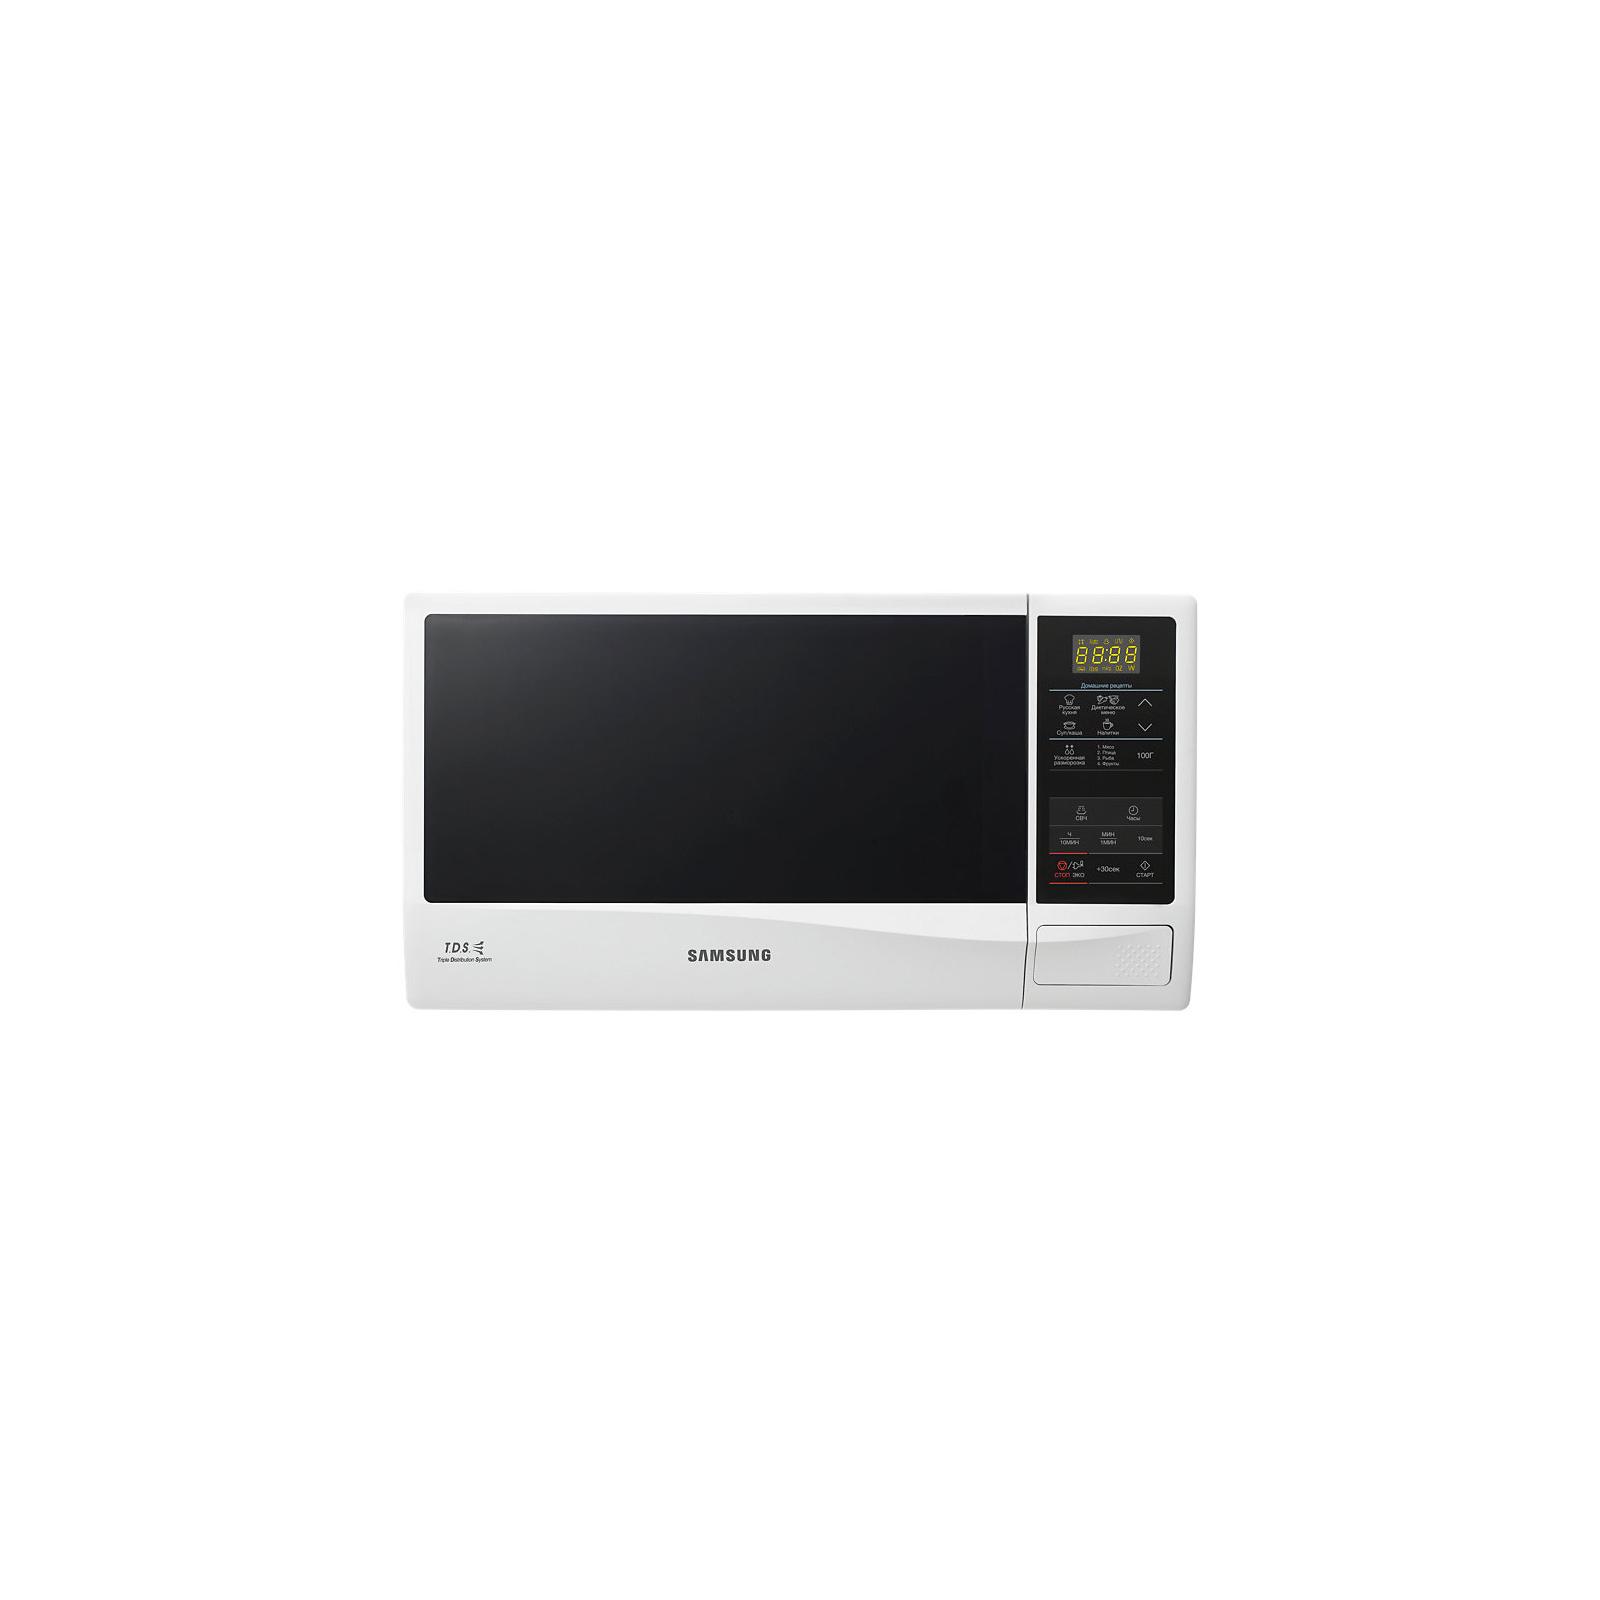 Микроволновая печь Samsung ME 83 KRW-2/BW (ME83KRW-2/BW)